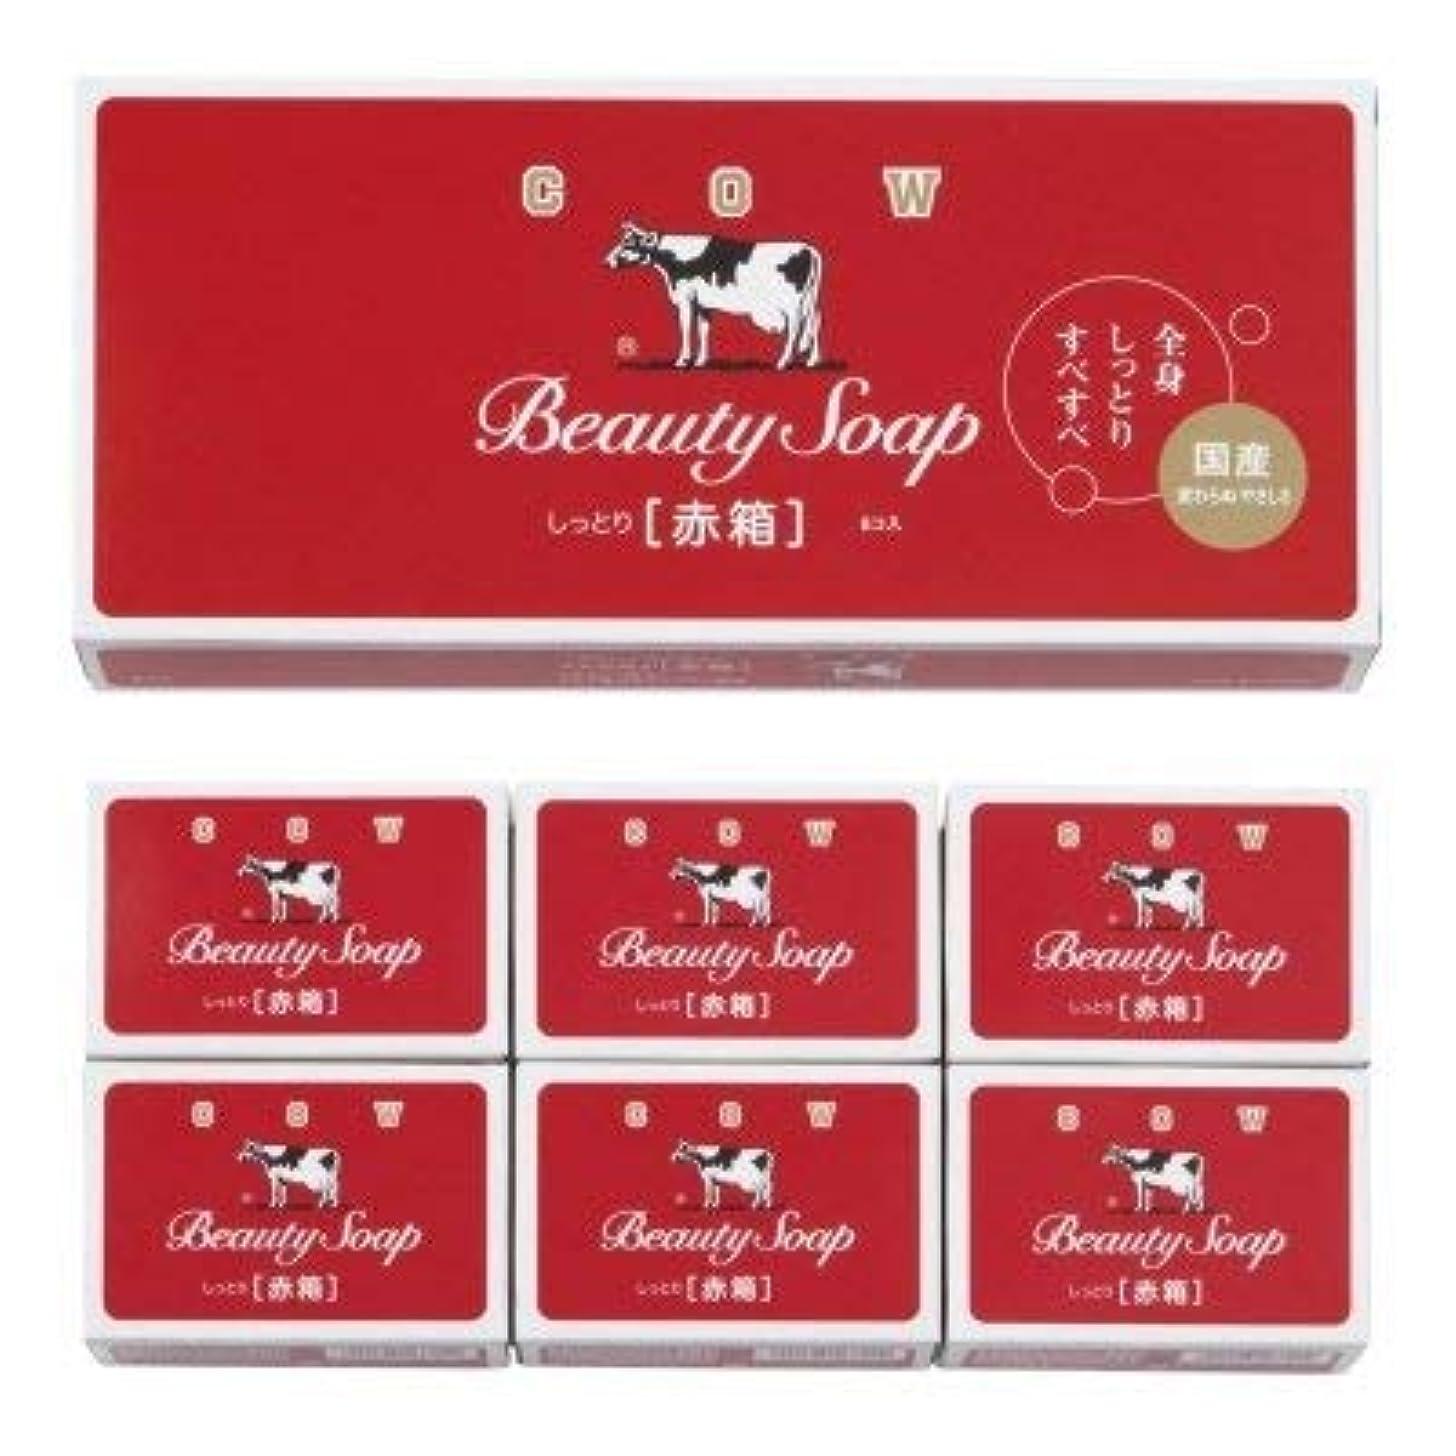 銀行水分反射【国産】牛乳石鹸 カウブランド 赤箱6コ入 (12個1セット)